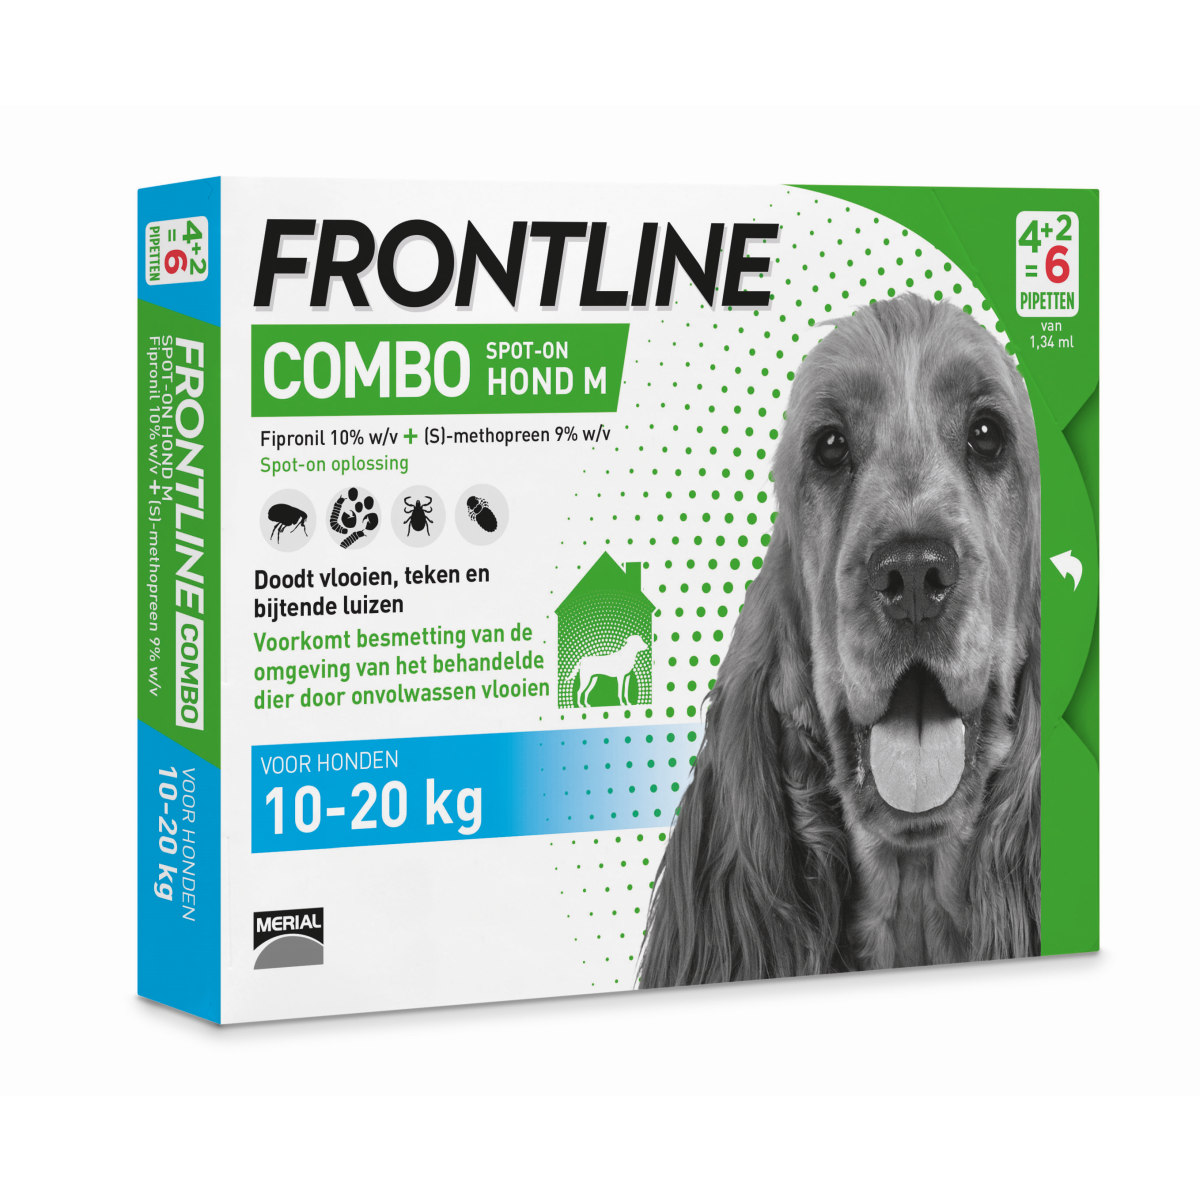 FRONTLINE COMBO HOND-M 6 PIP. 00001